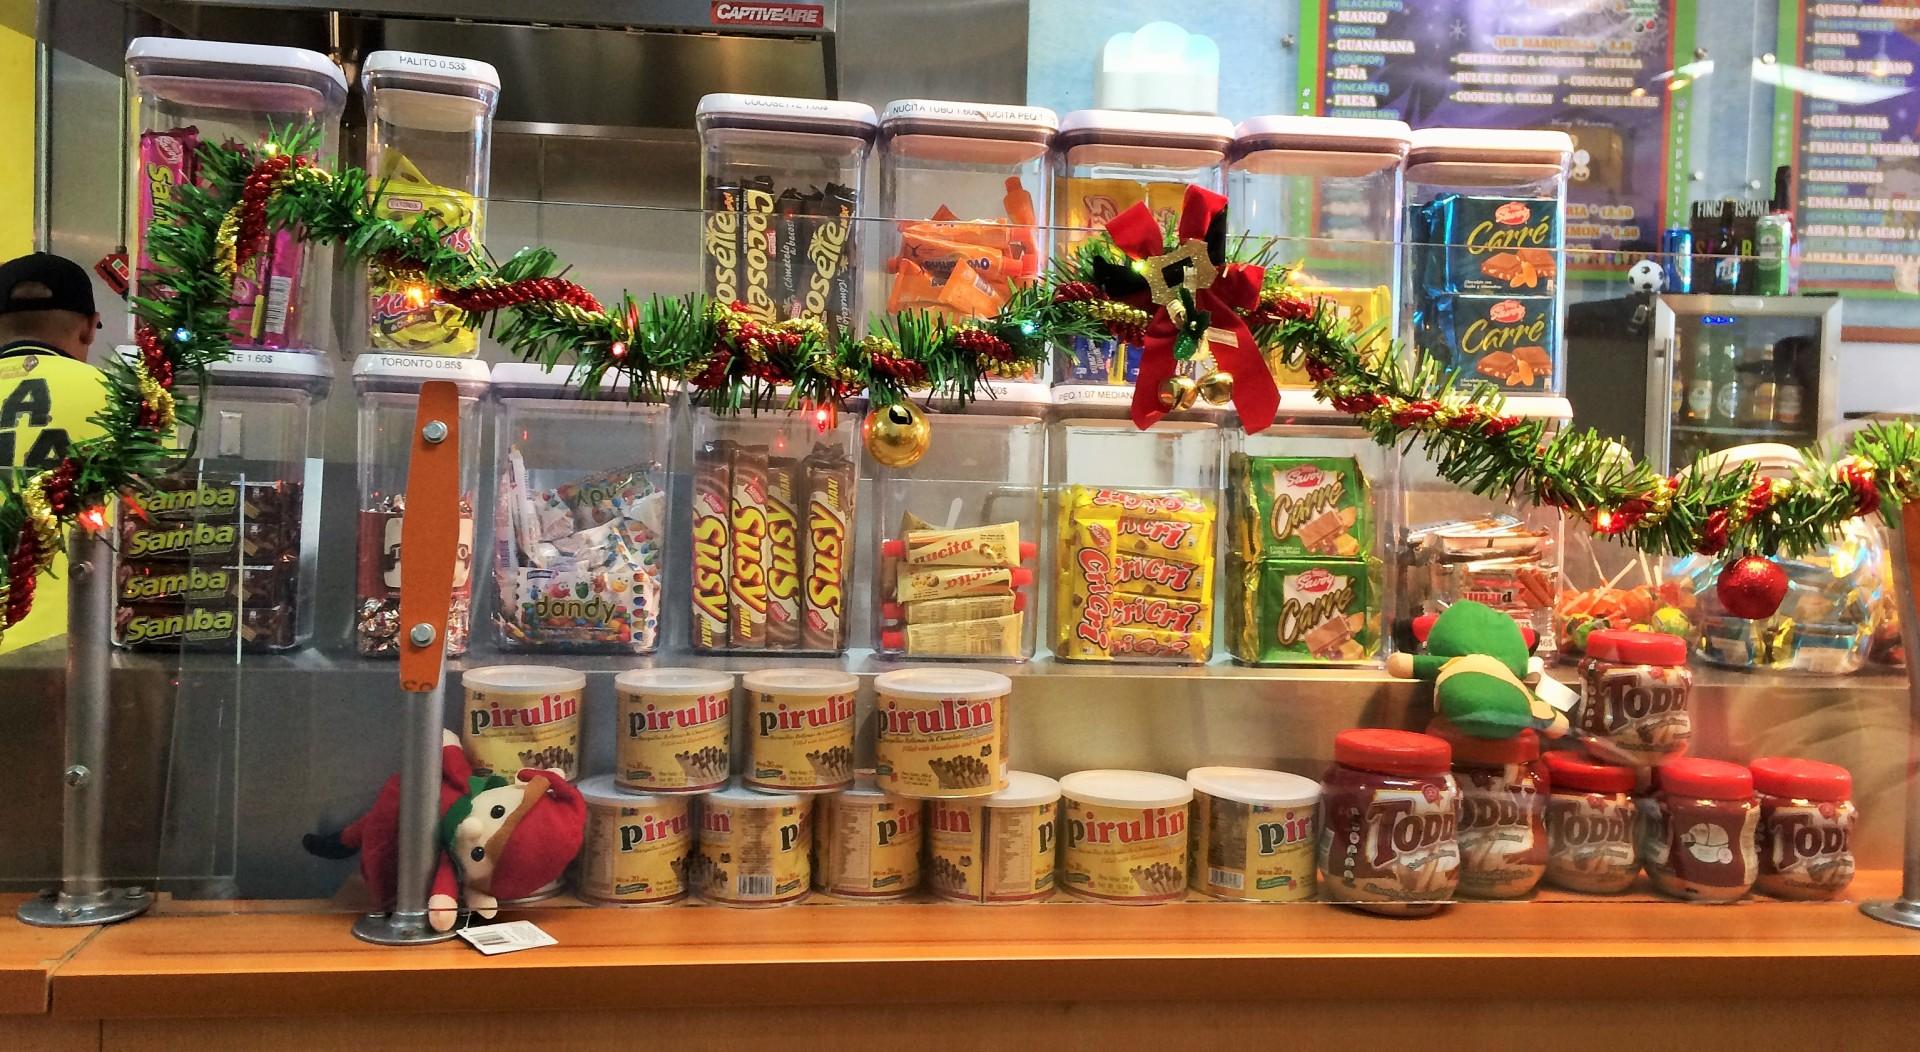 Venezuelan candies